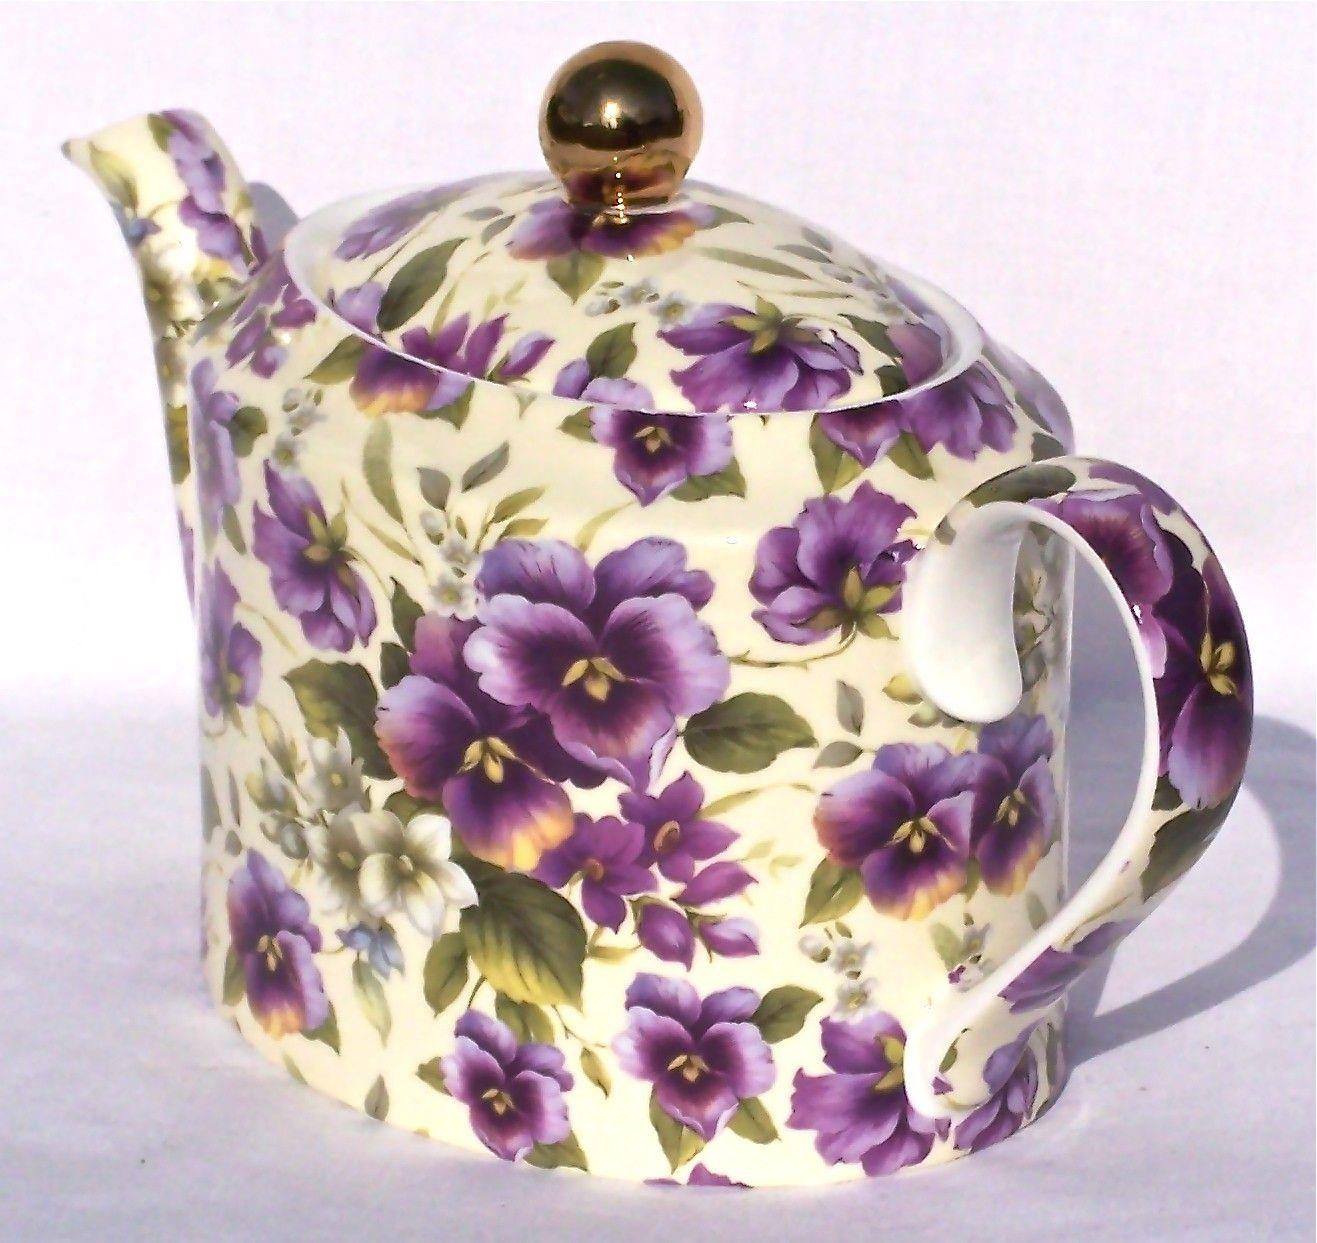 Chintz Teapots | Fine English Bone China Teapot - 6 Cup Oval Shape - Pansy Chintz